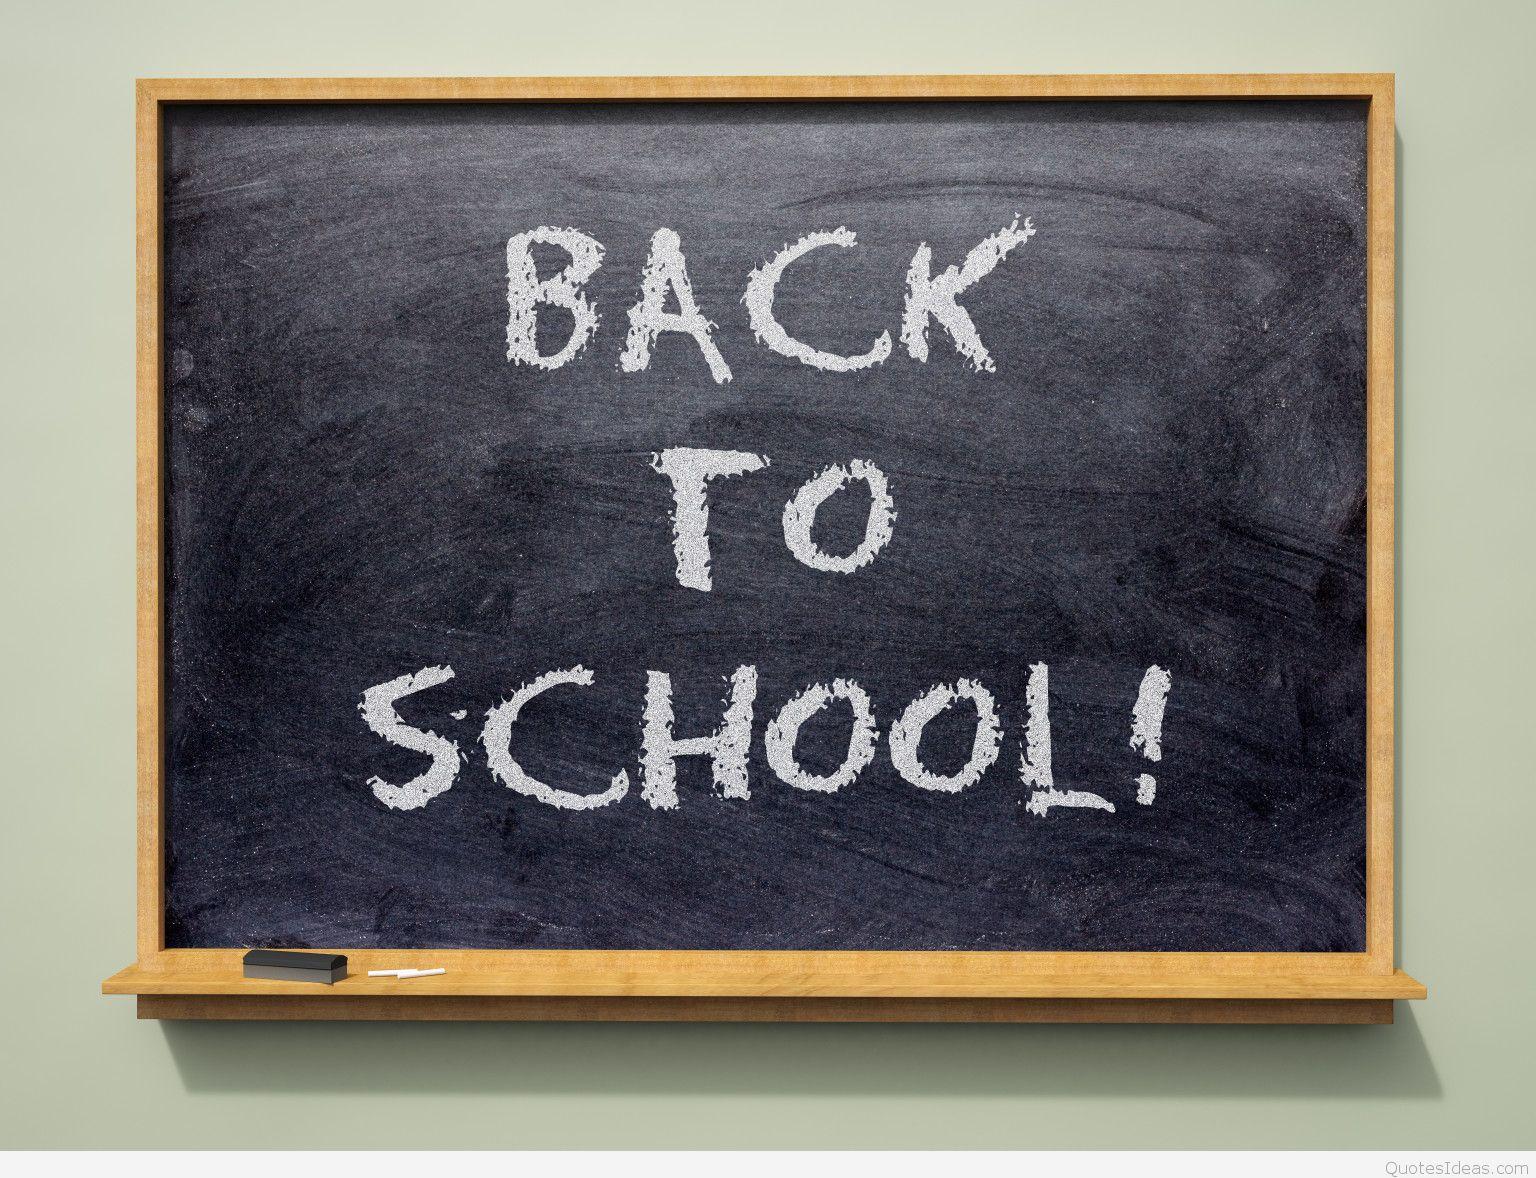 Back To School - School - HD Wallpaper